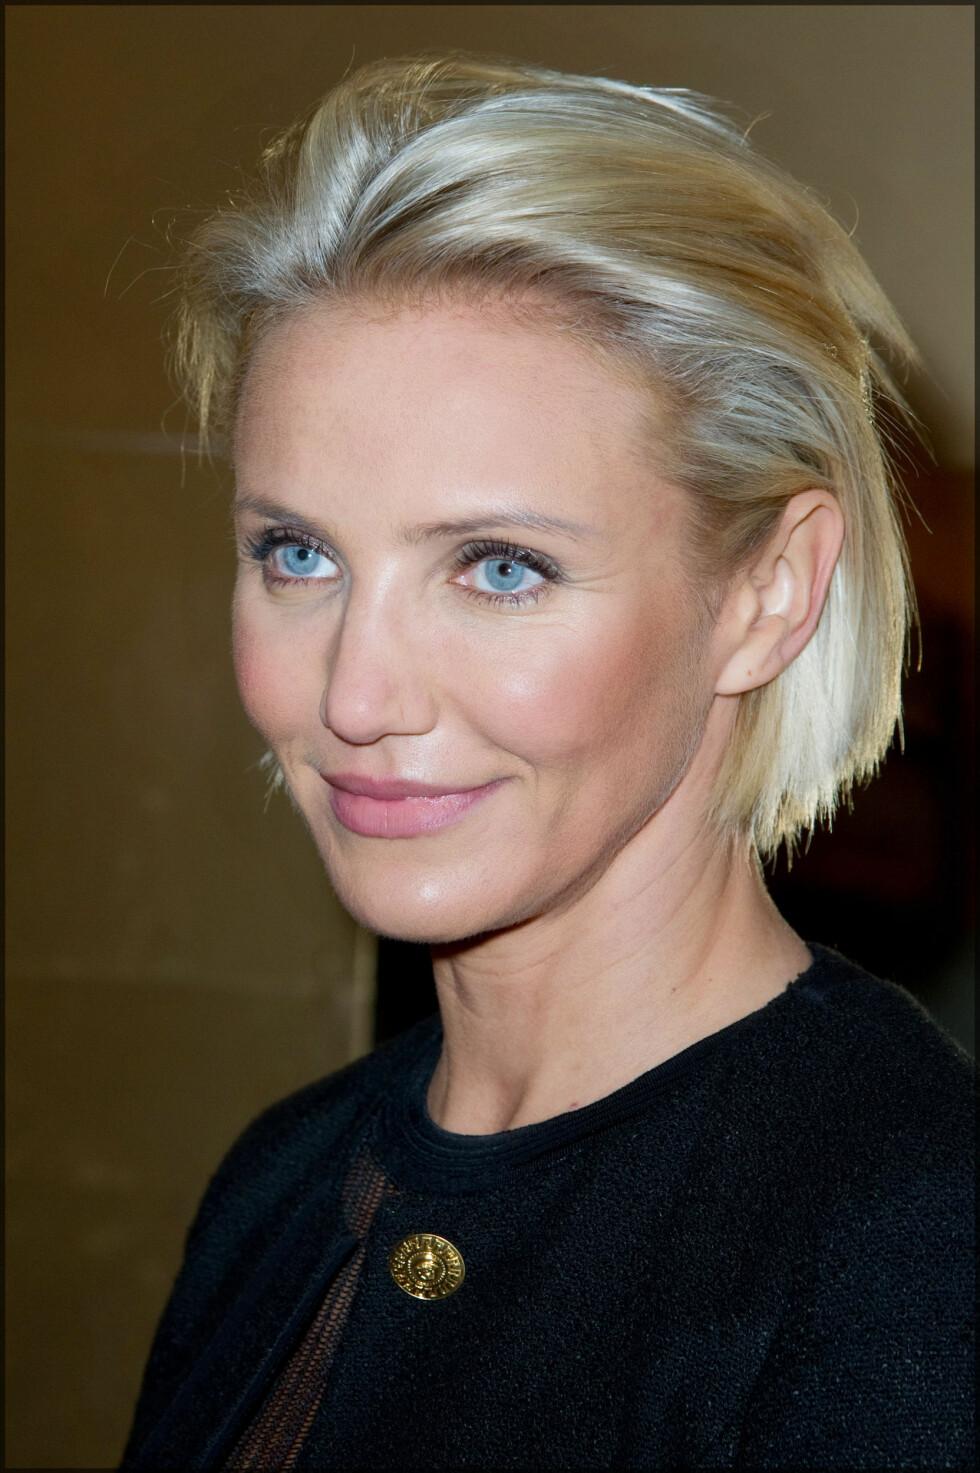 CAMERON DIAZ: Den flotte skuespilleren har alltid vært tilhenger av korte hårfrisyrer, og digger bob-looken. Her fra Paris Fashion Week i 2012. Foto: NTB Scanpix